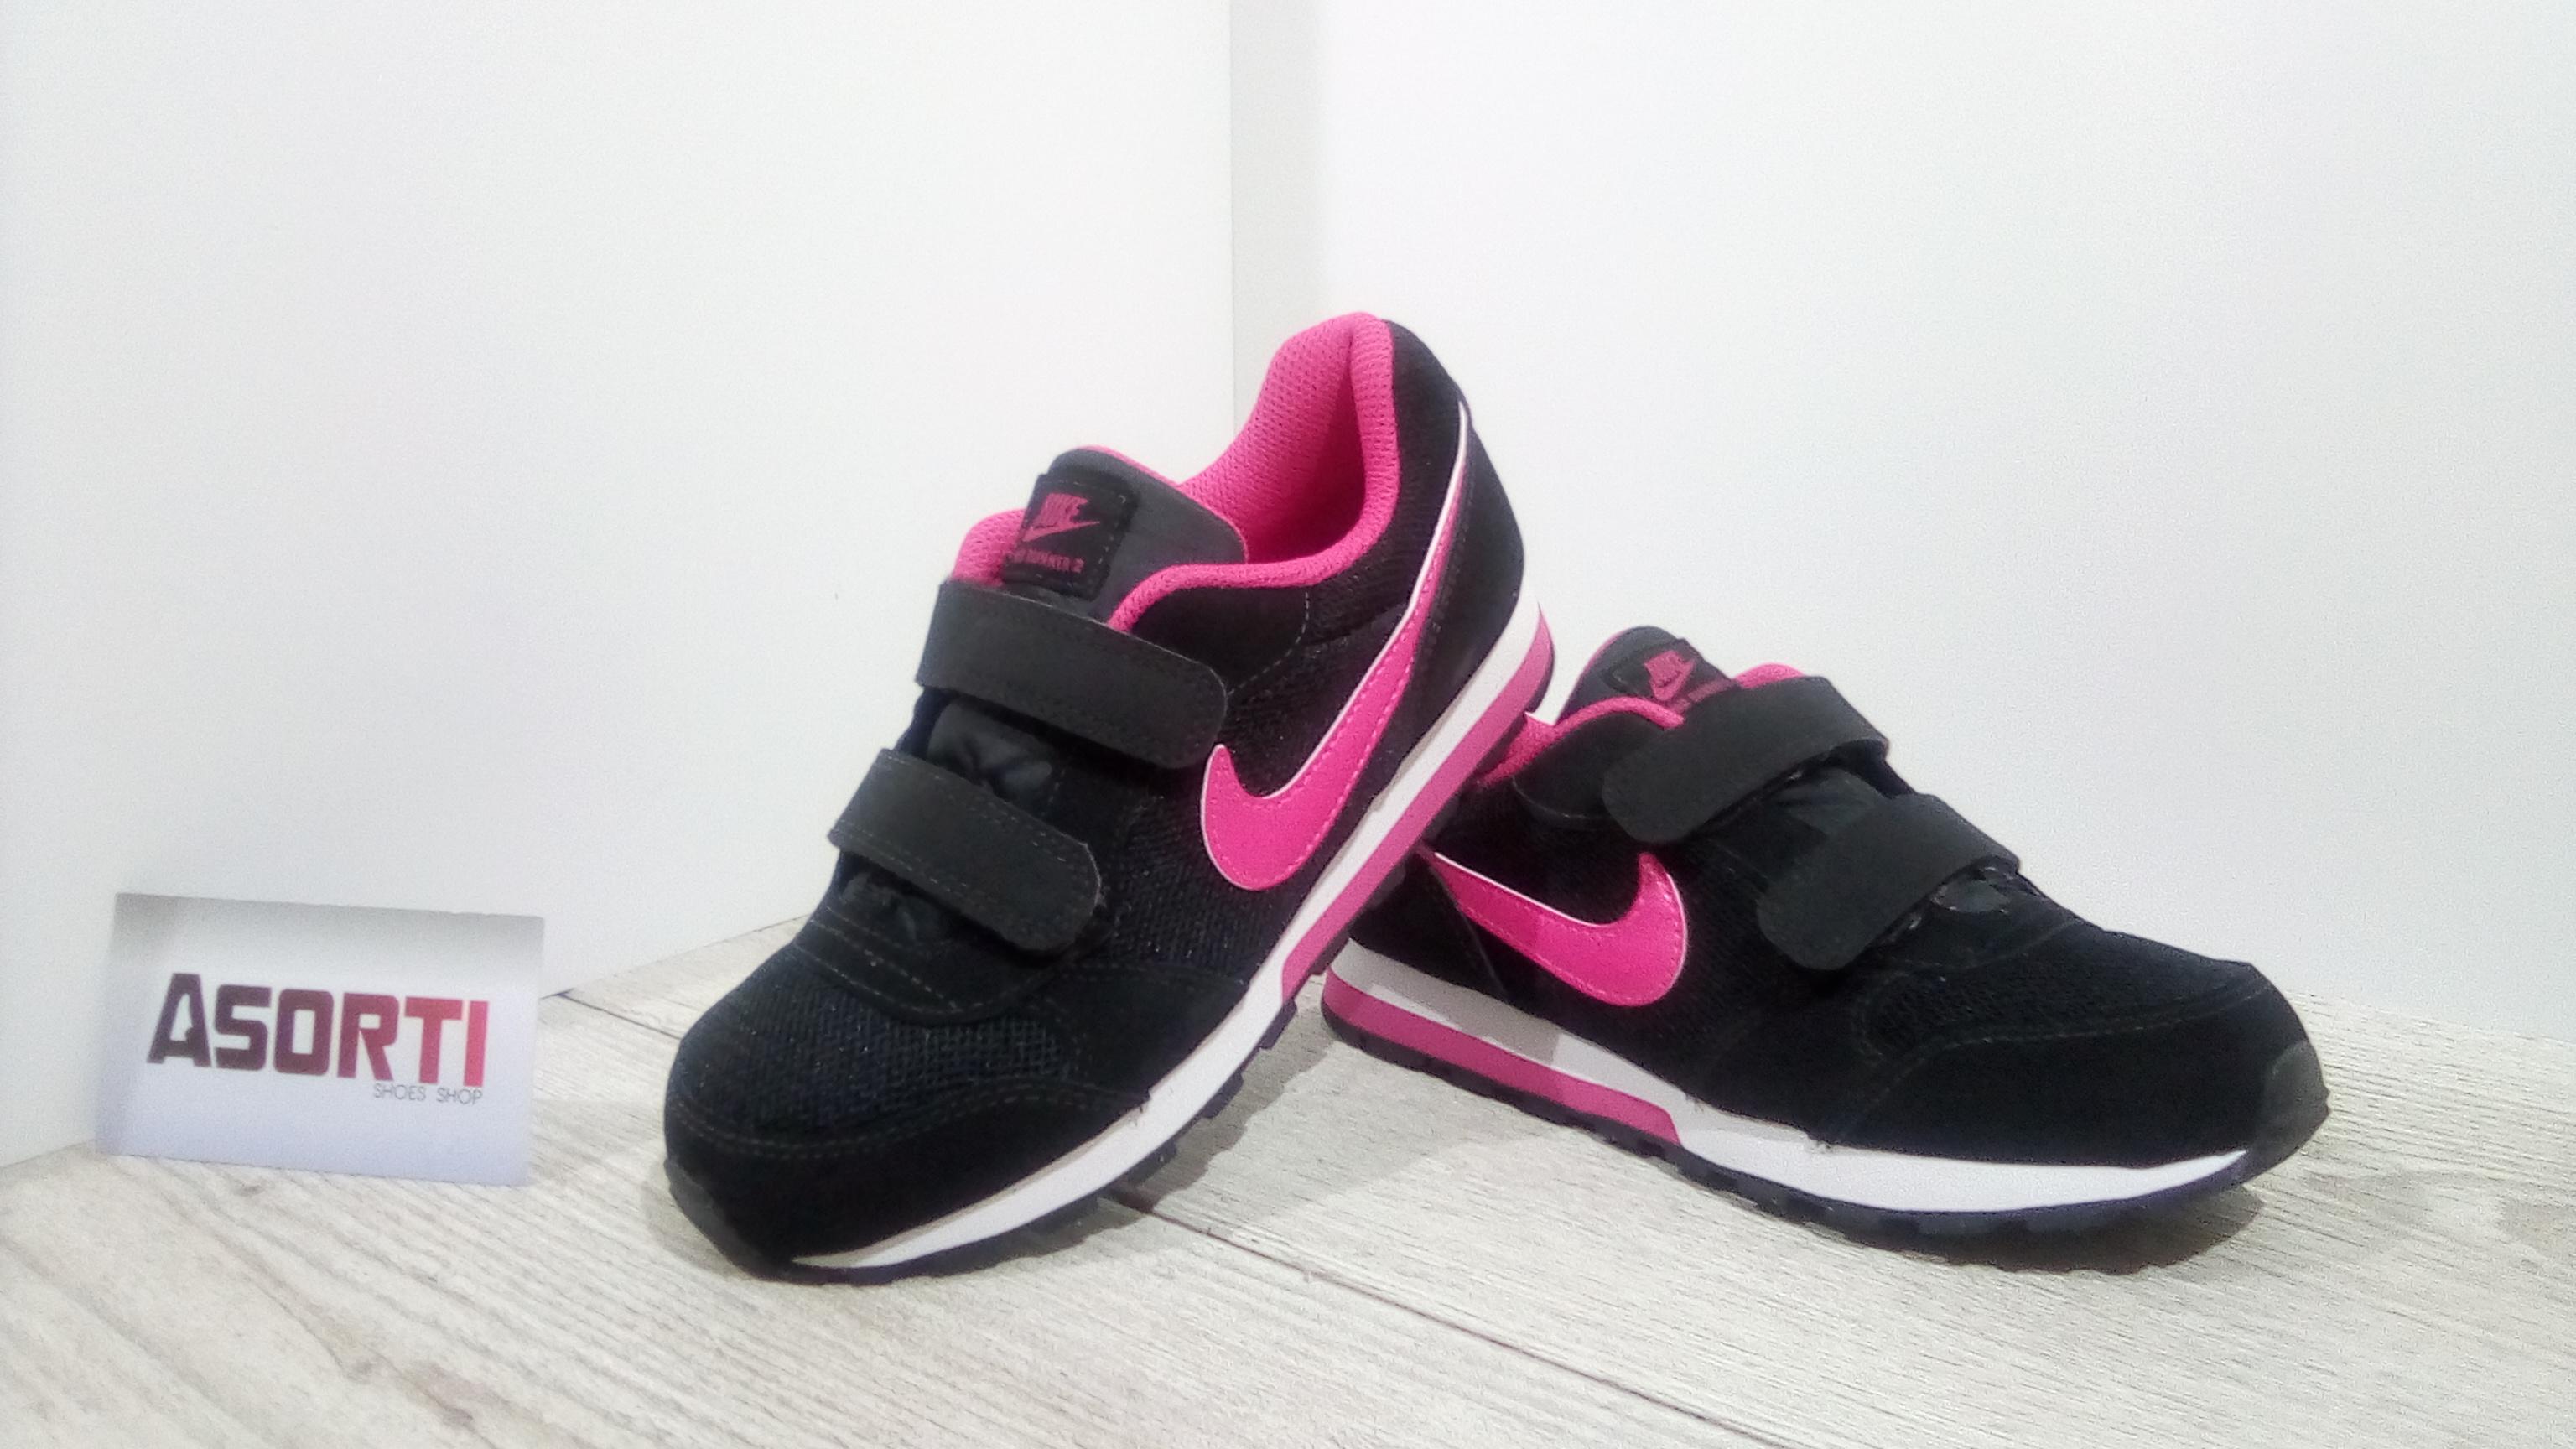 059d2092 Дитячі кросівки Nike MD Runner 2 (PSV) (807320-006) чорні купити в ...